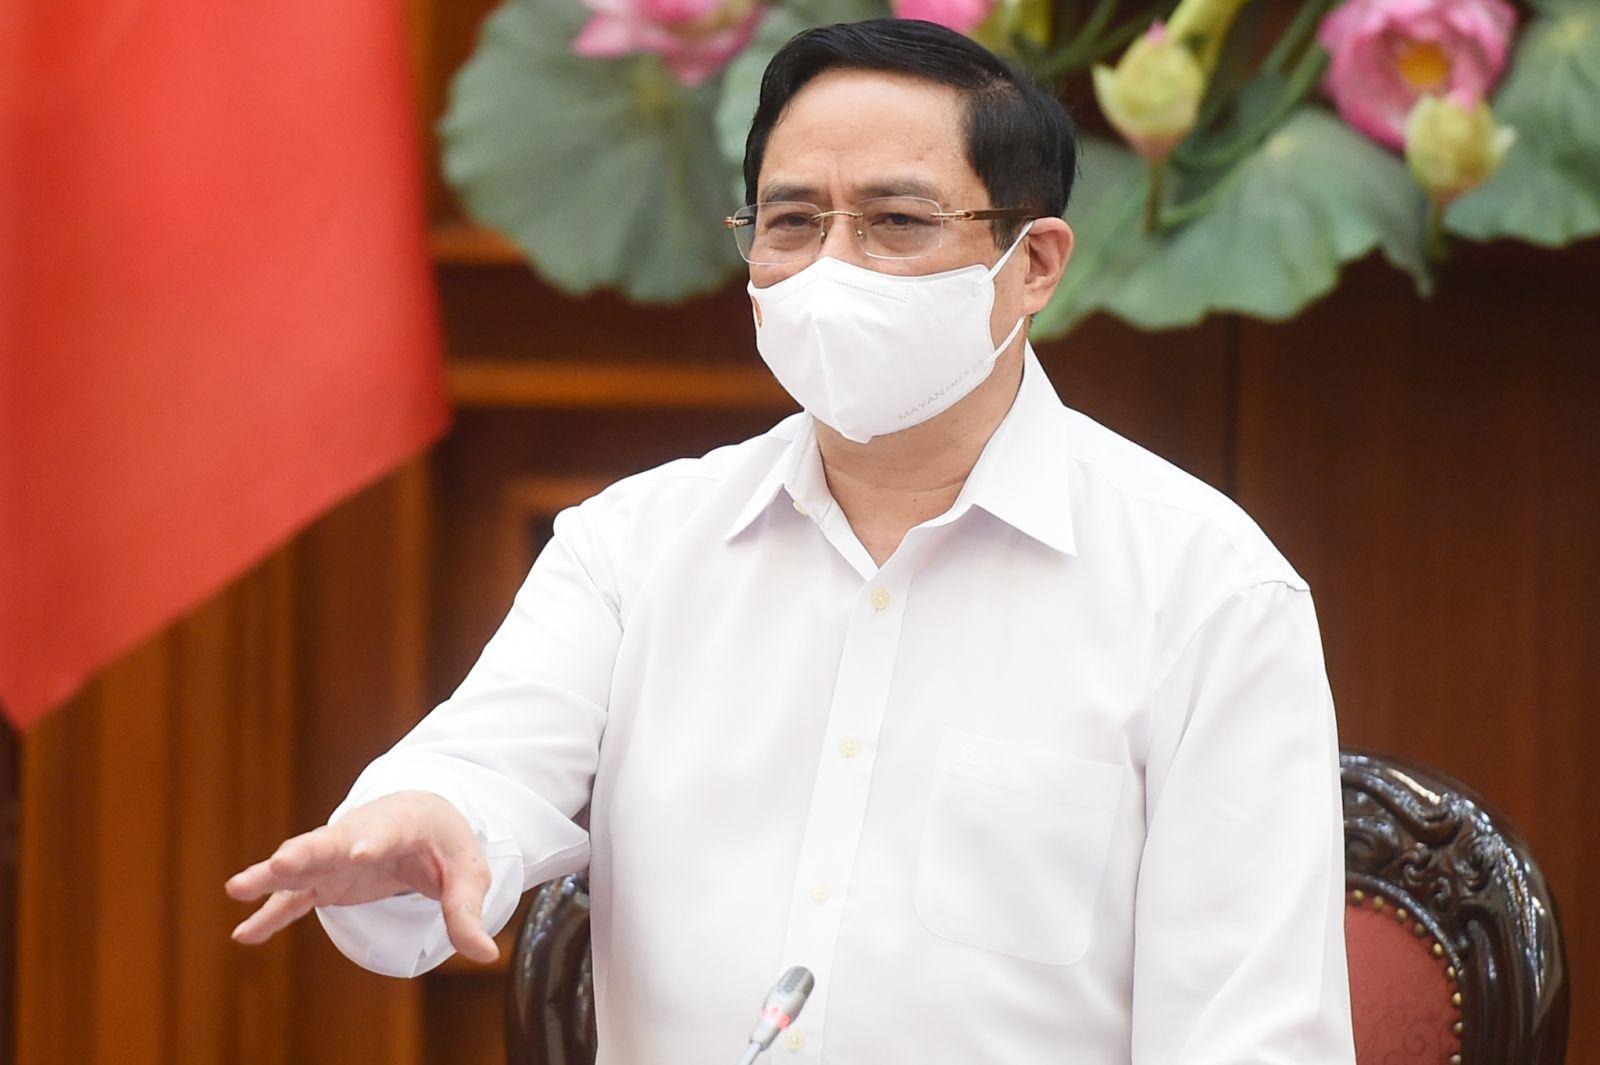 Thủ tướng Chính phủ Phạm Minh Chính phát biểu kết luận cuộc họp ngày 30-4-2021. Ảnh: VGP